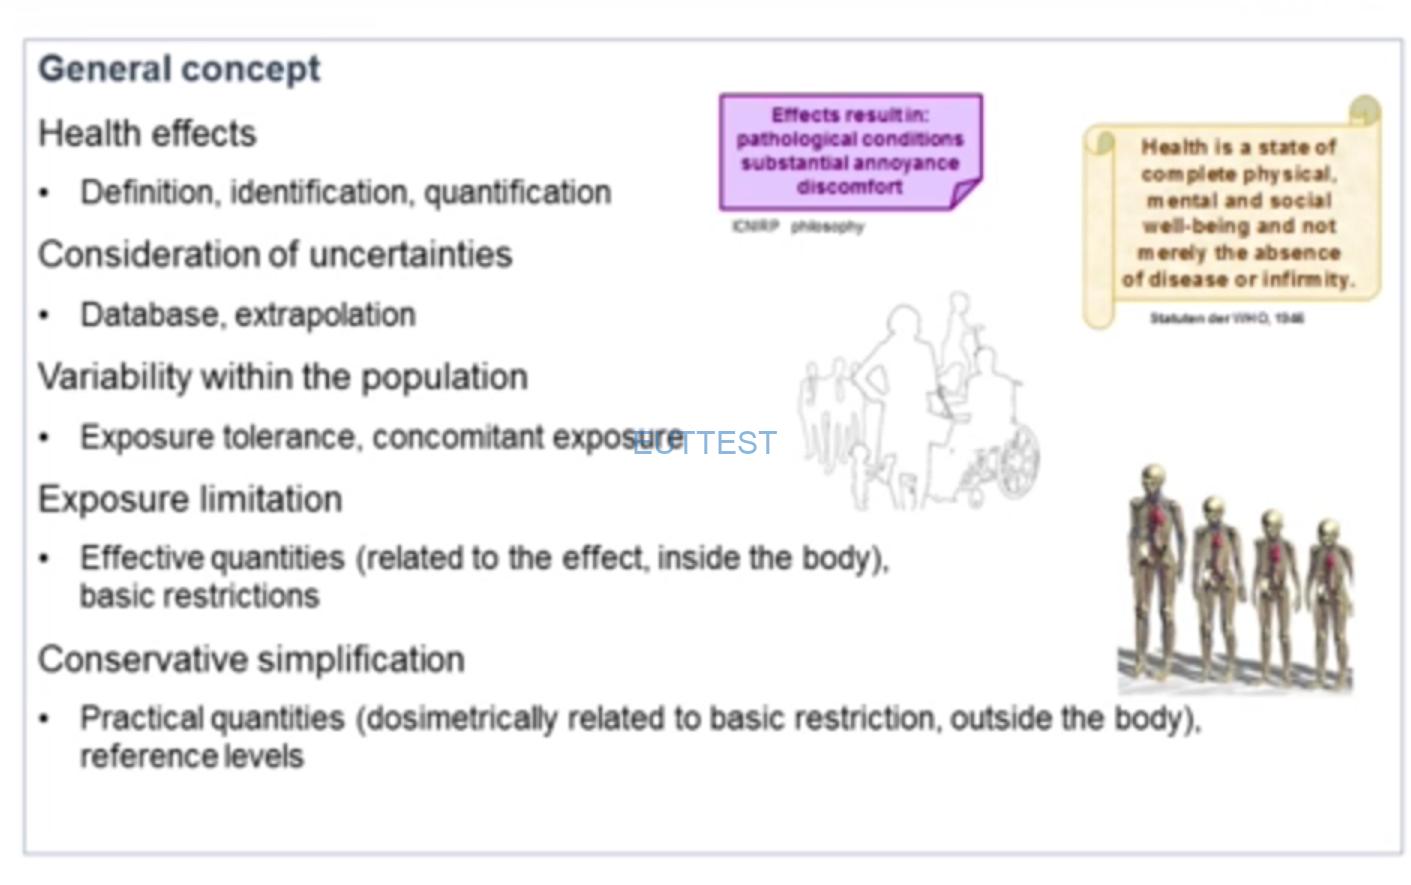 暴露于 ELF 电场和磁场对人体的影响